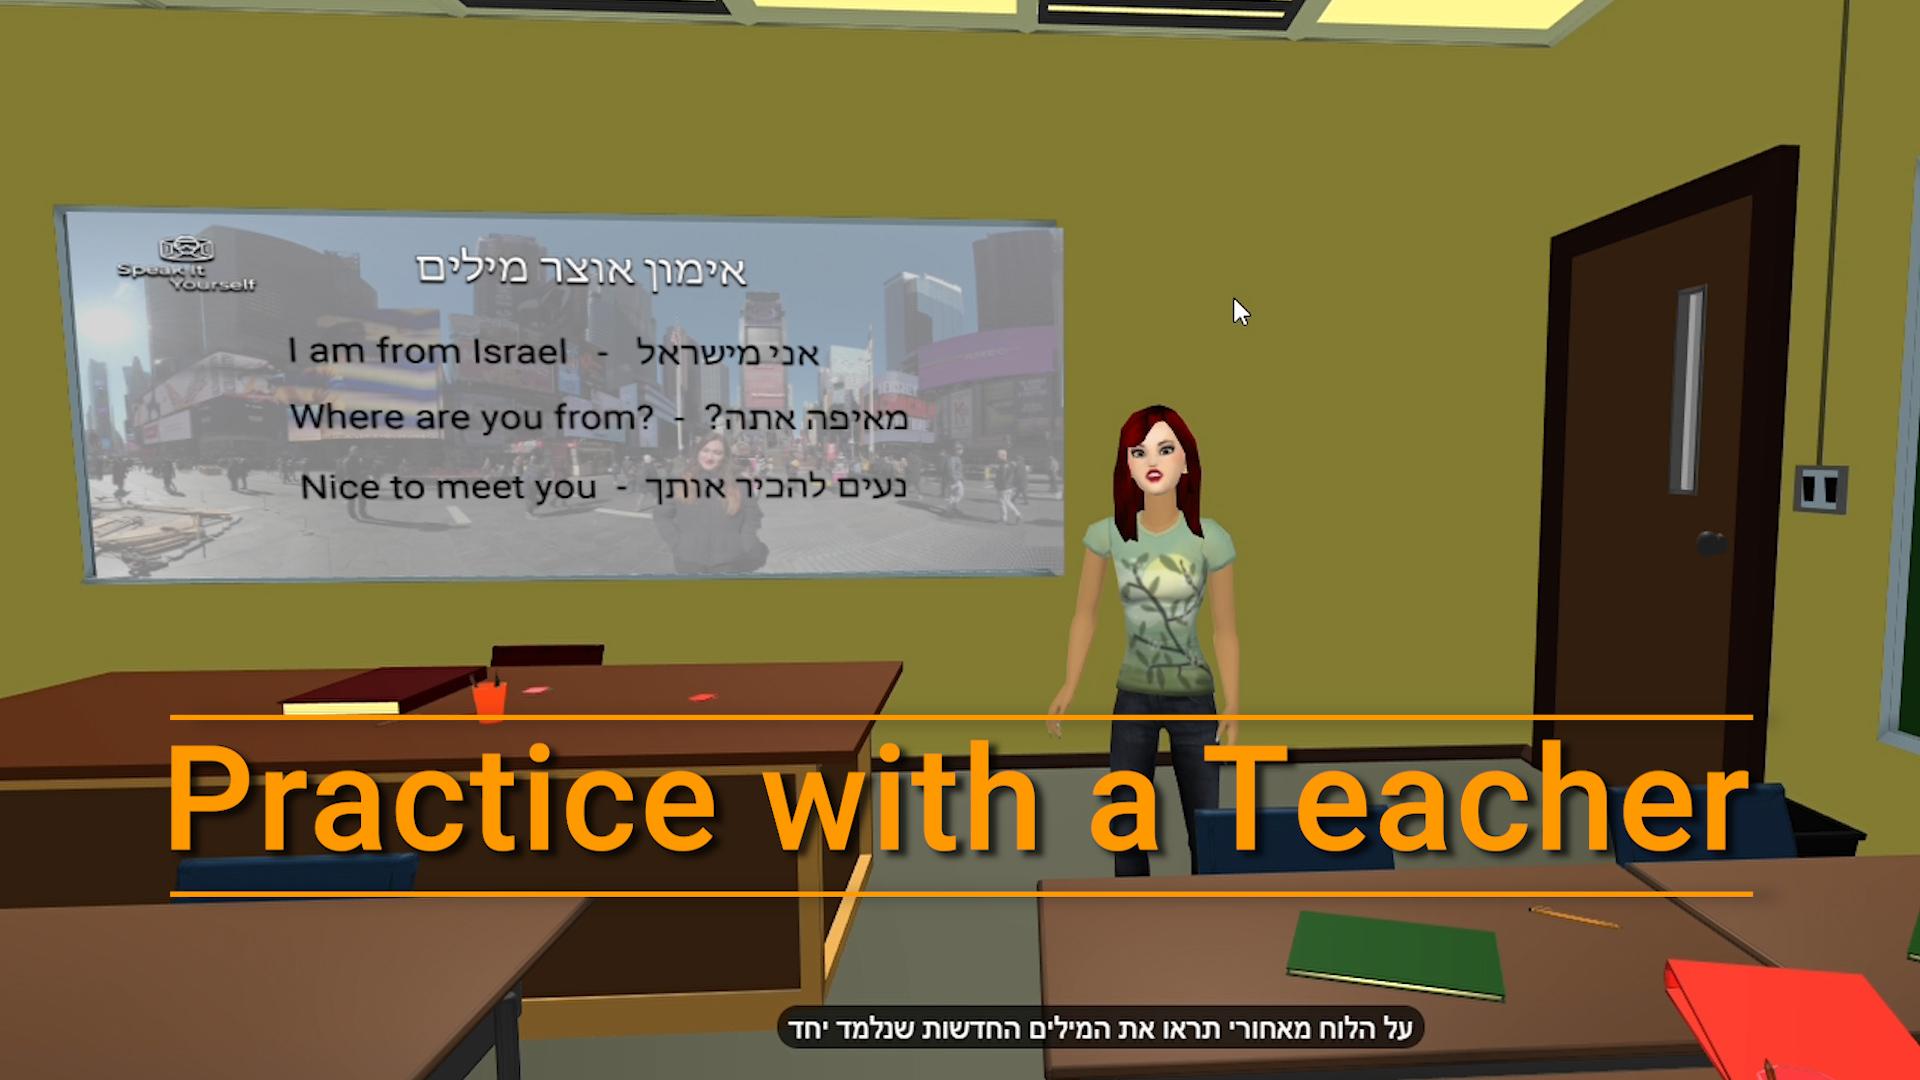 Practice with a teacher.jpg